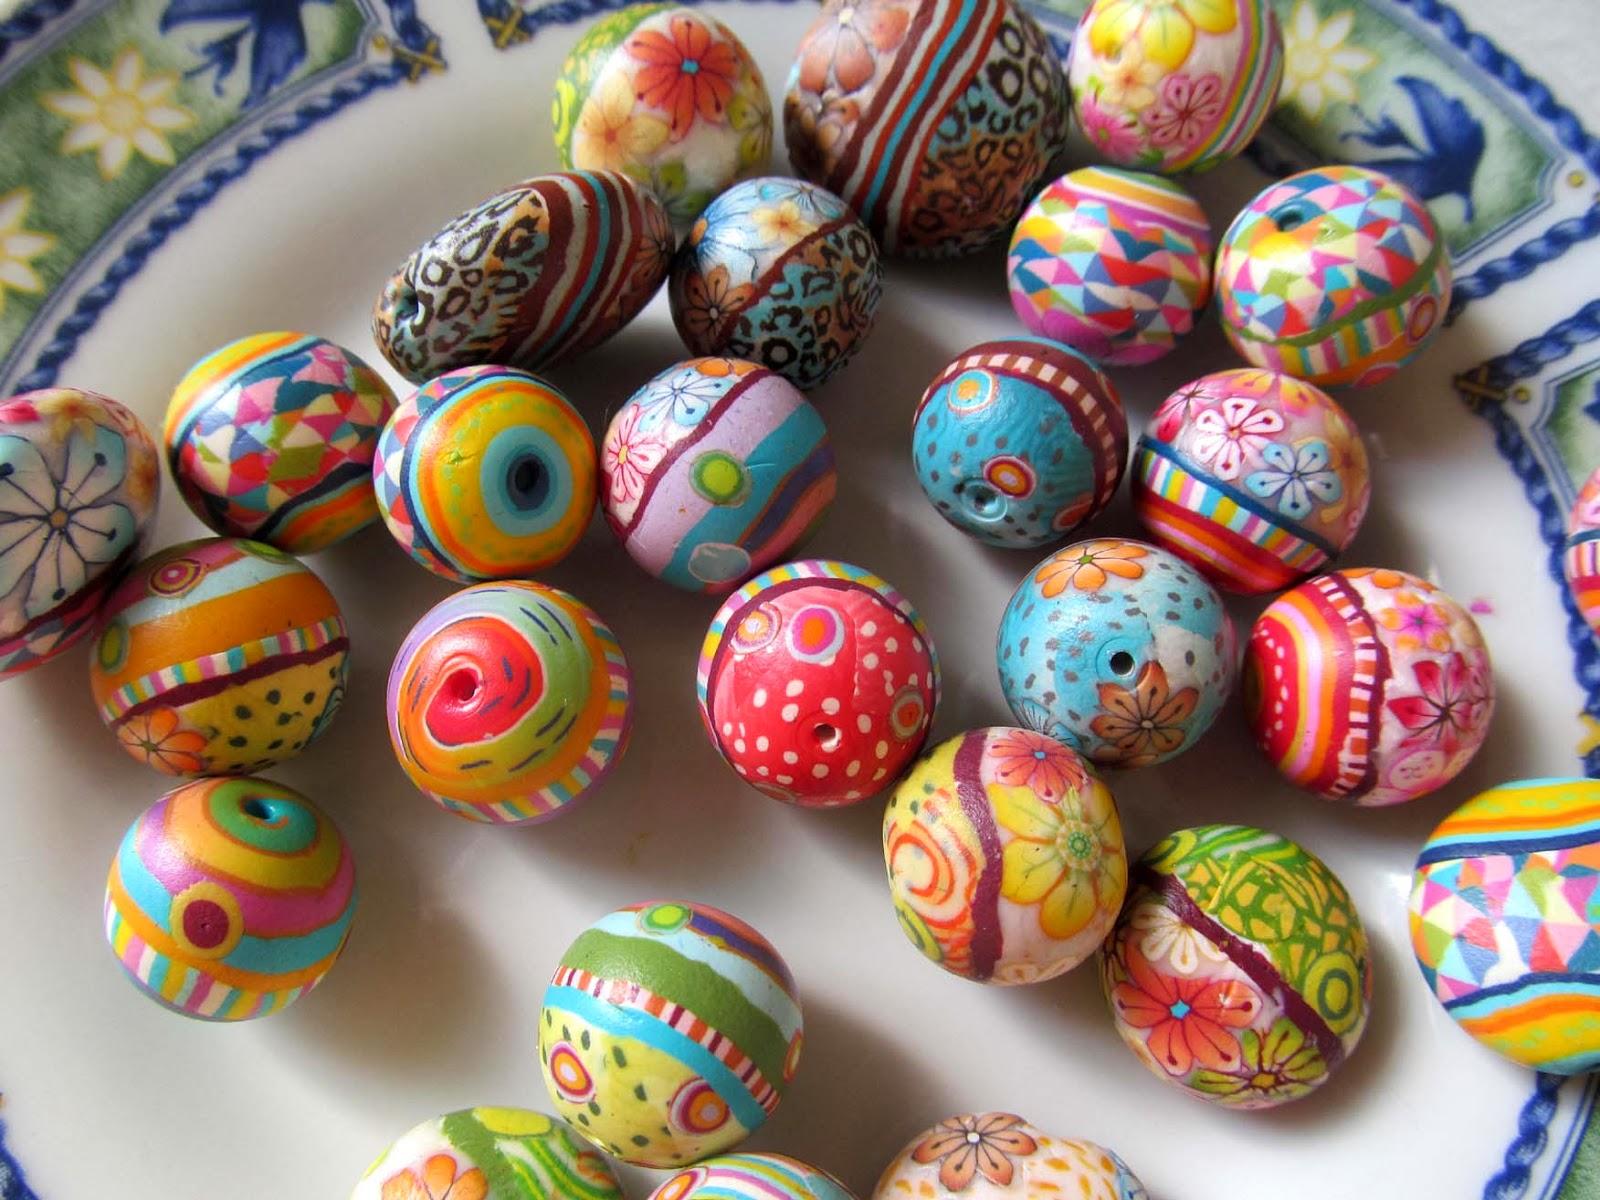 חימר פולימרי, חרוזי פימו,חרוזי חימר פולימרי,גלילי פימו,גלילי חימר פולימרי RHRfimo beads,polymer clay beads,